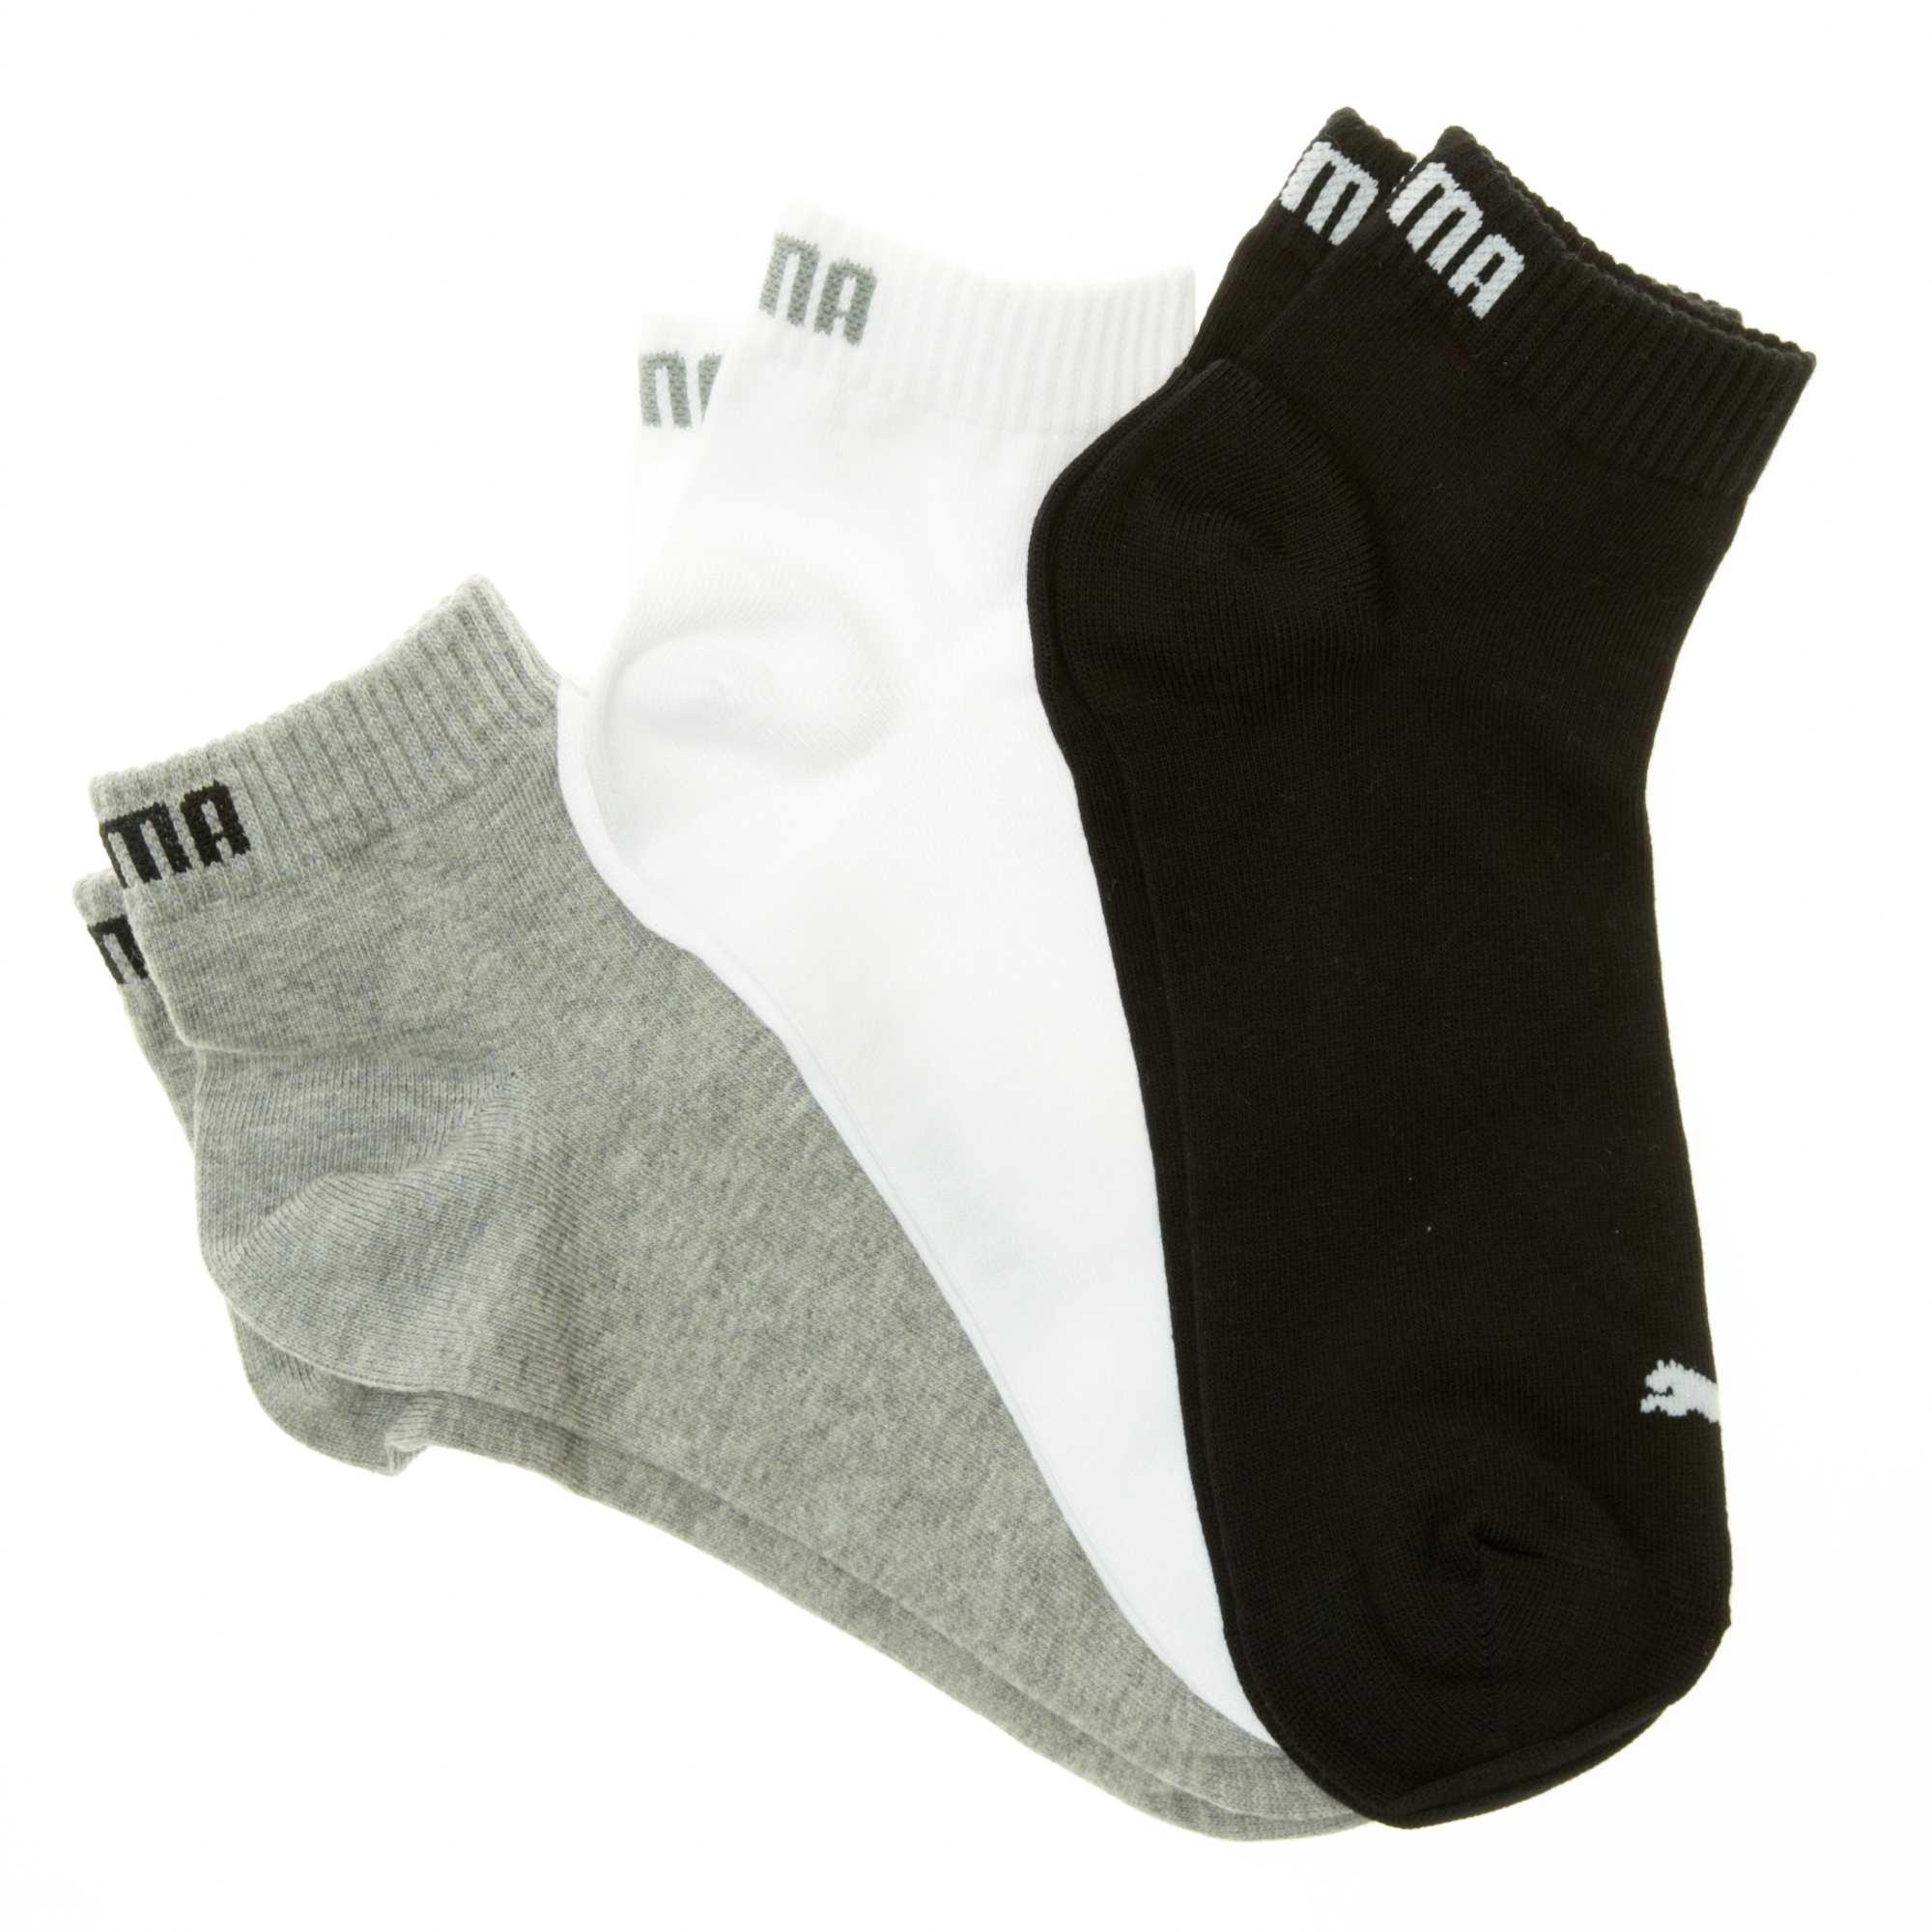 d5560934c18178 Set van 3 paar korte 'Puma' sokken Herenkleding - grijs /wit / zwart ...